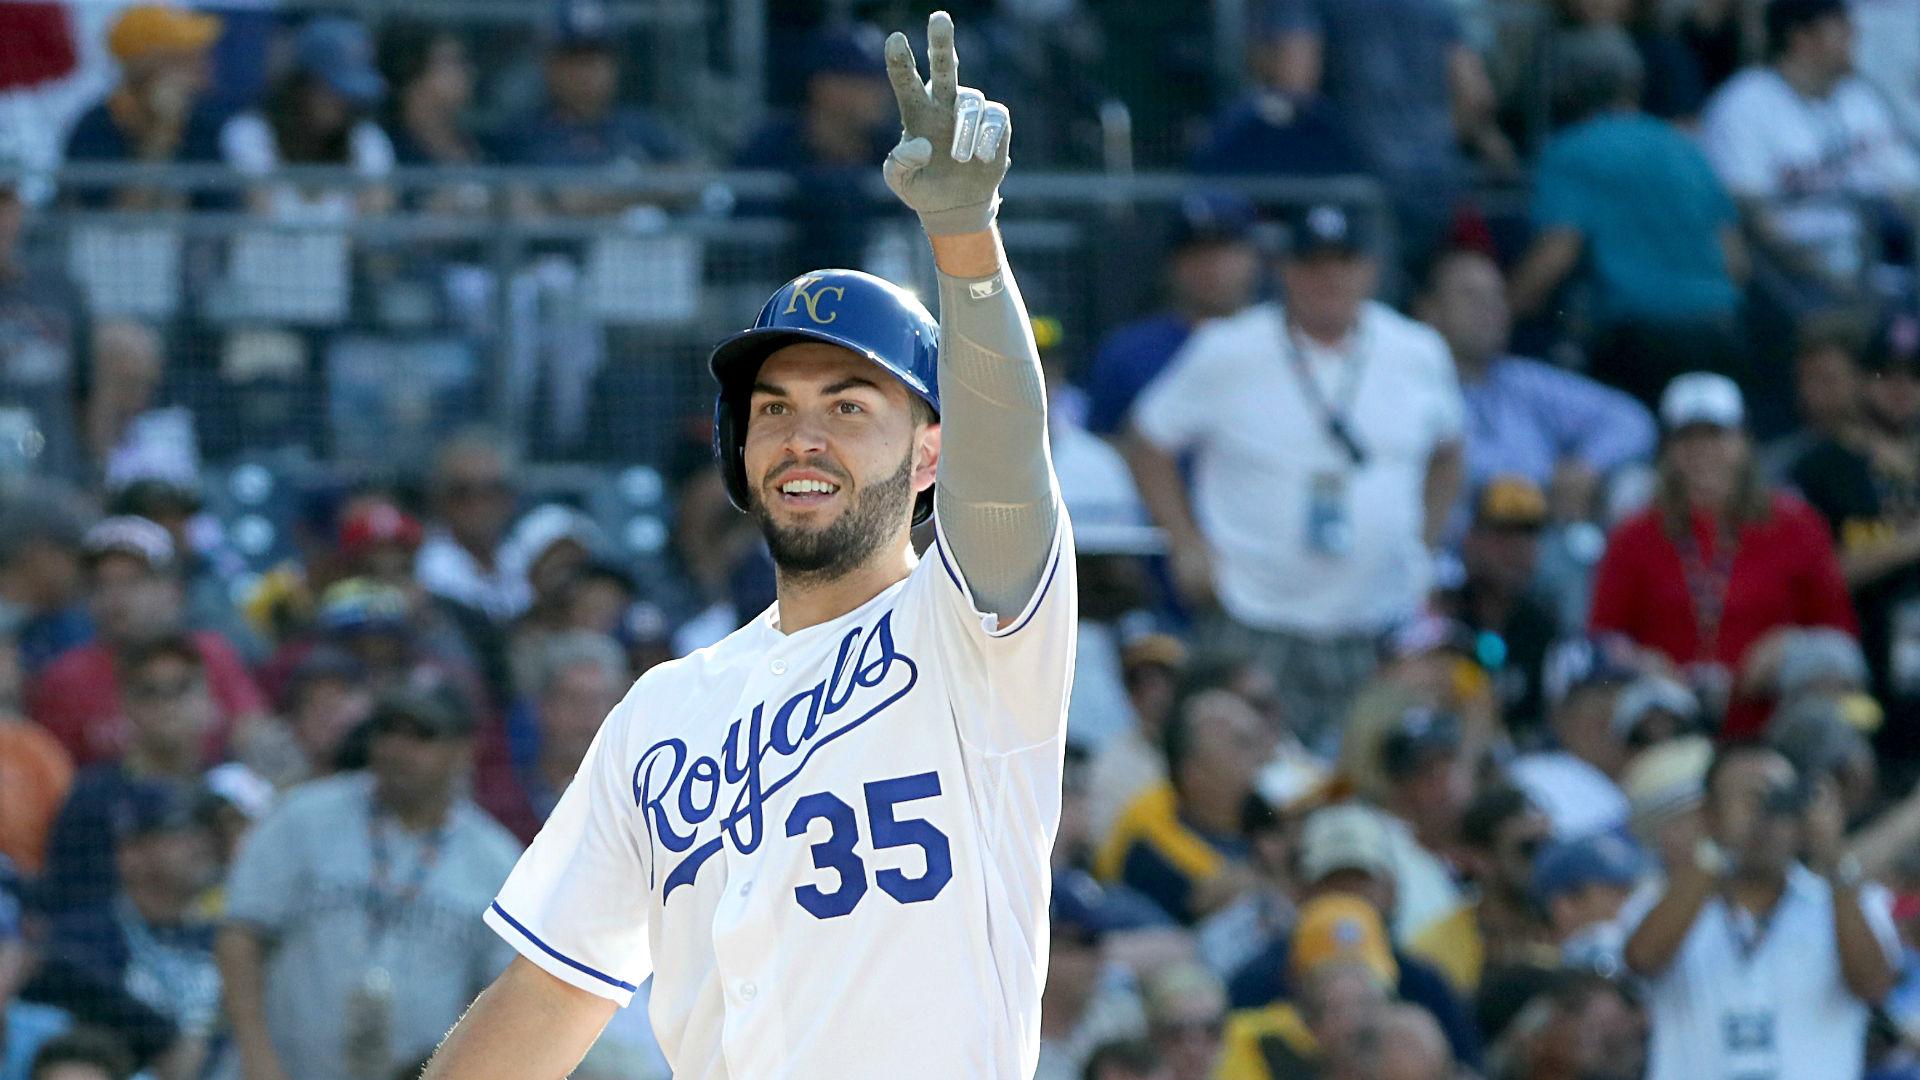 Royals-first-baseman-eric-hosmer_1xrfnrypg3x2k1rg43yswwhd5d